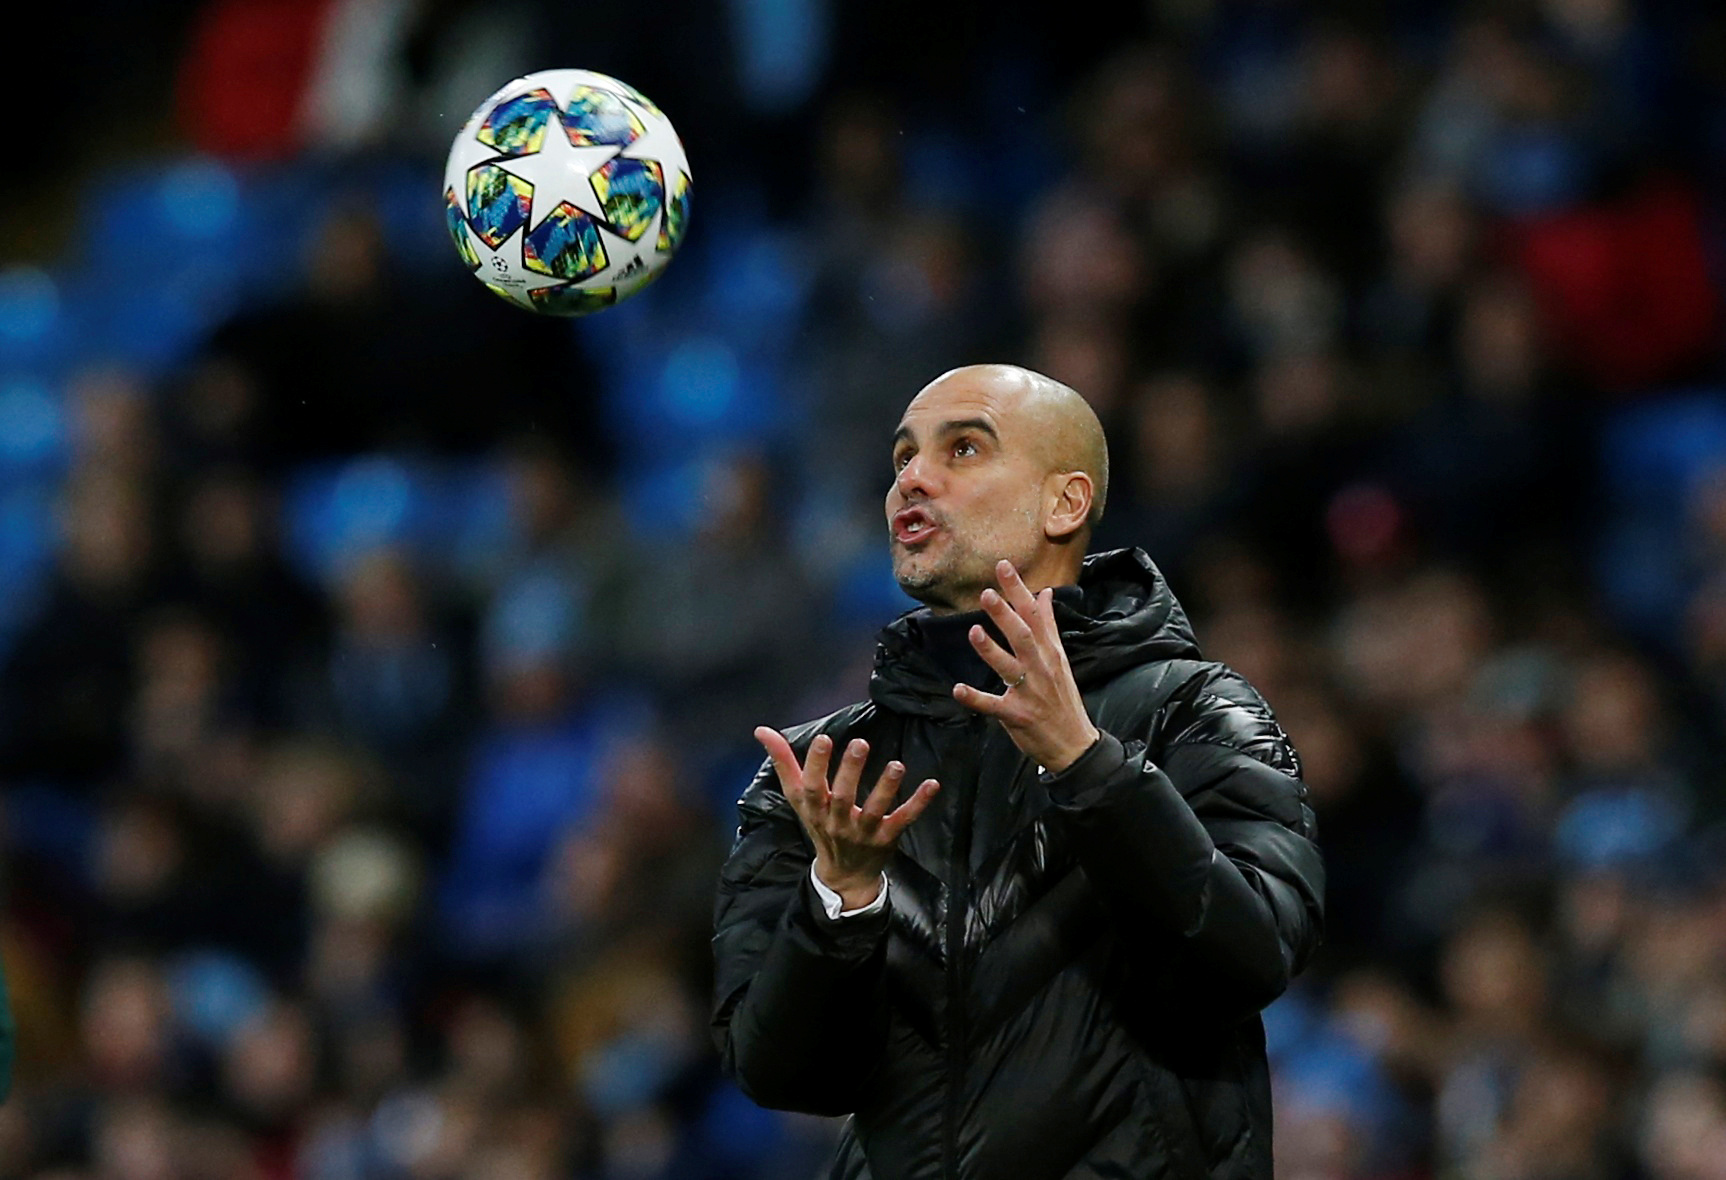 Pep Guardiola wants to focus on Premier League